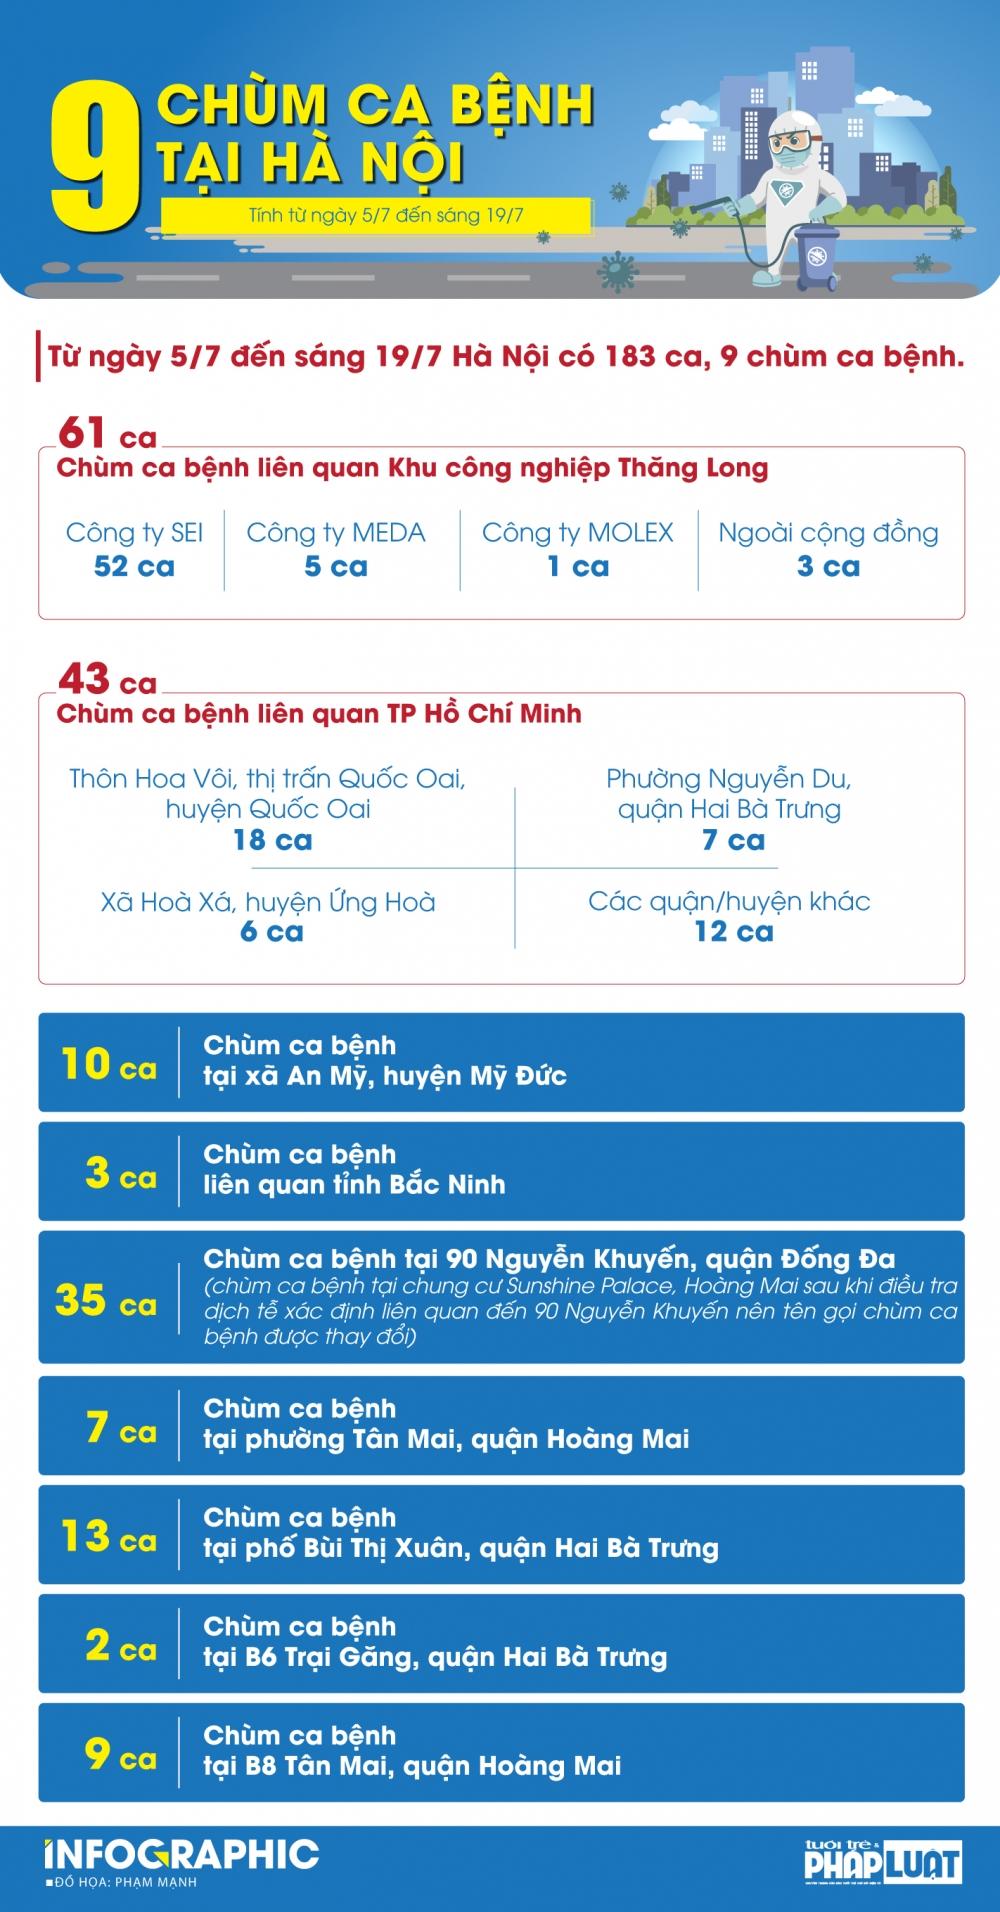 Hà Nội ghi nhận 183 ca Covid-19 thuộc 9 chùm ca bệnh